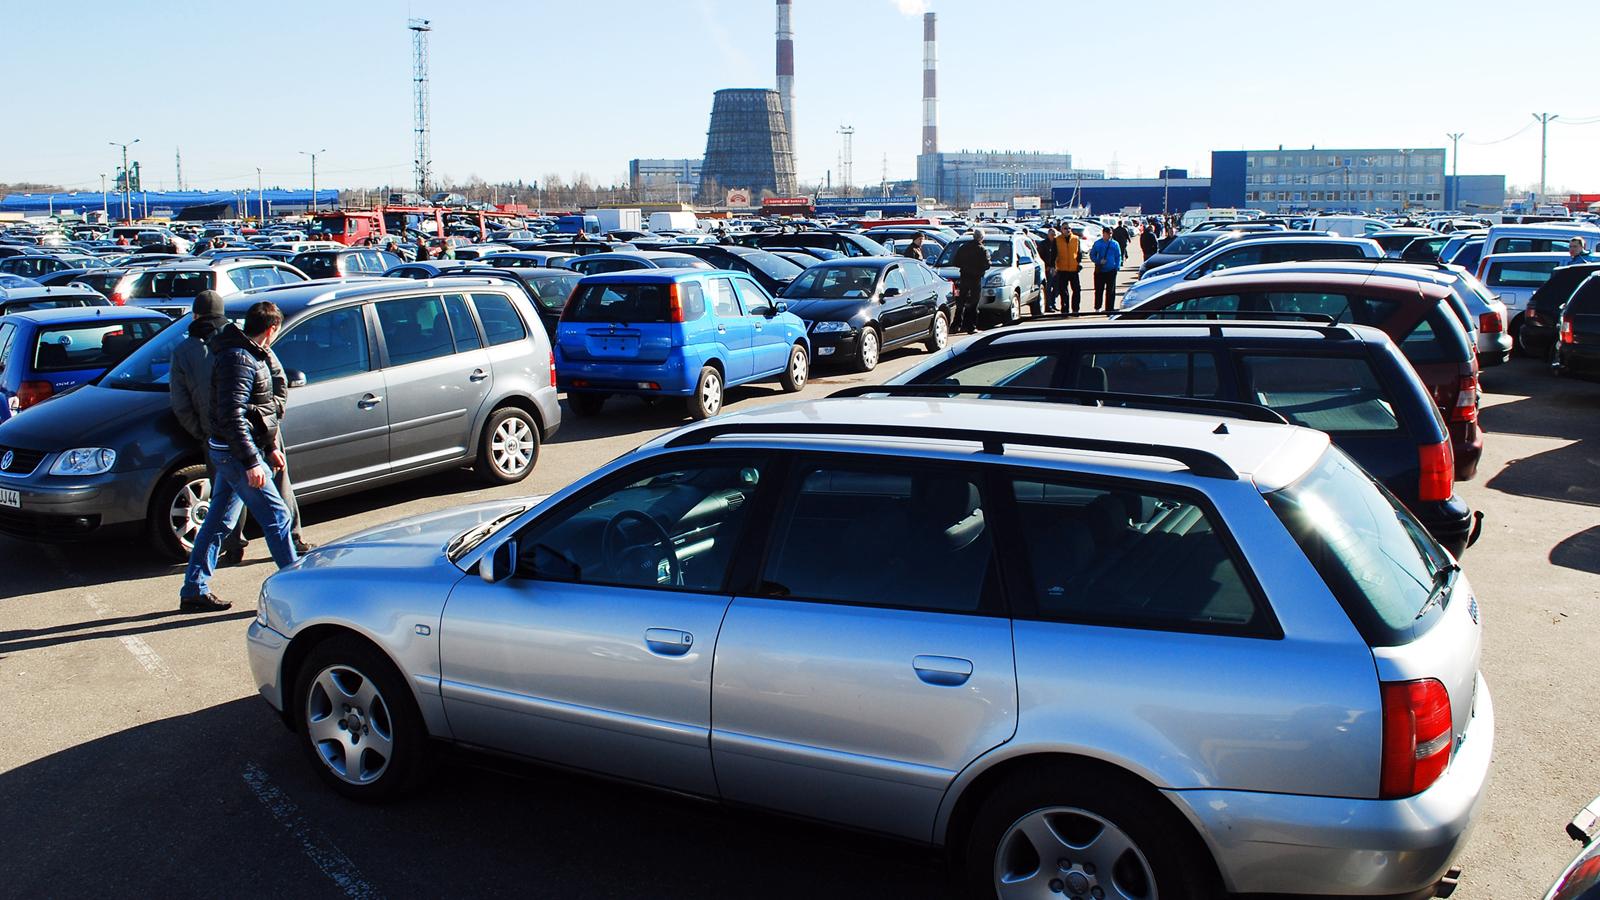 Жители России смогут мгновенно «пробивать» машины друг дружку